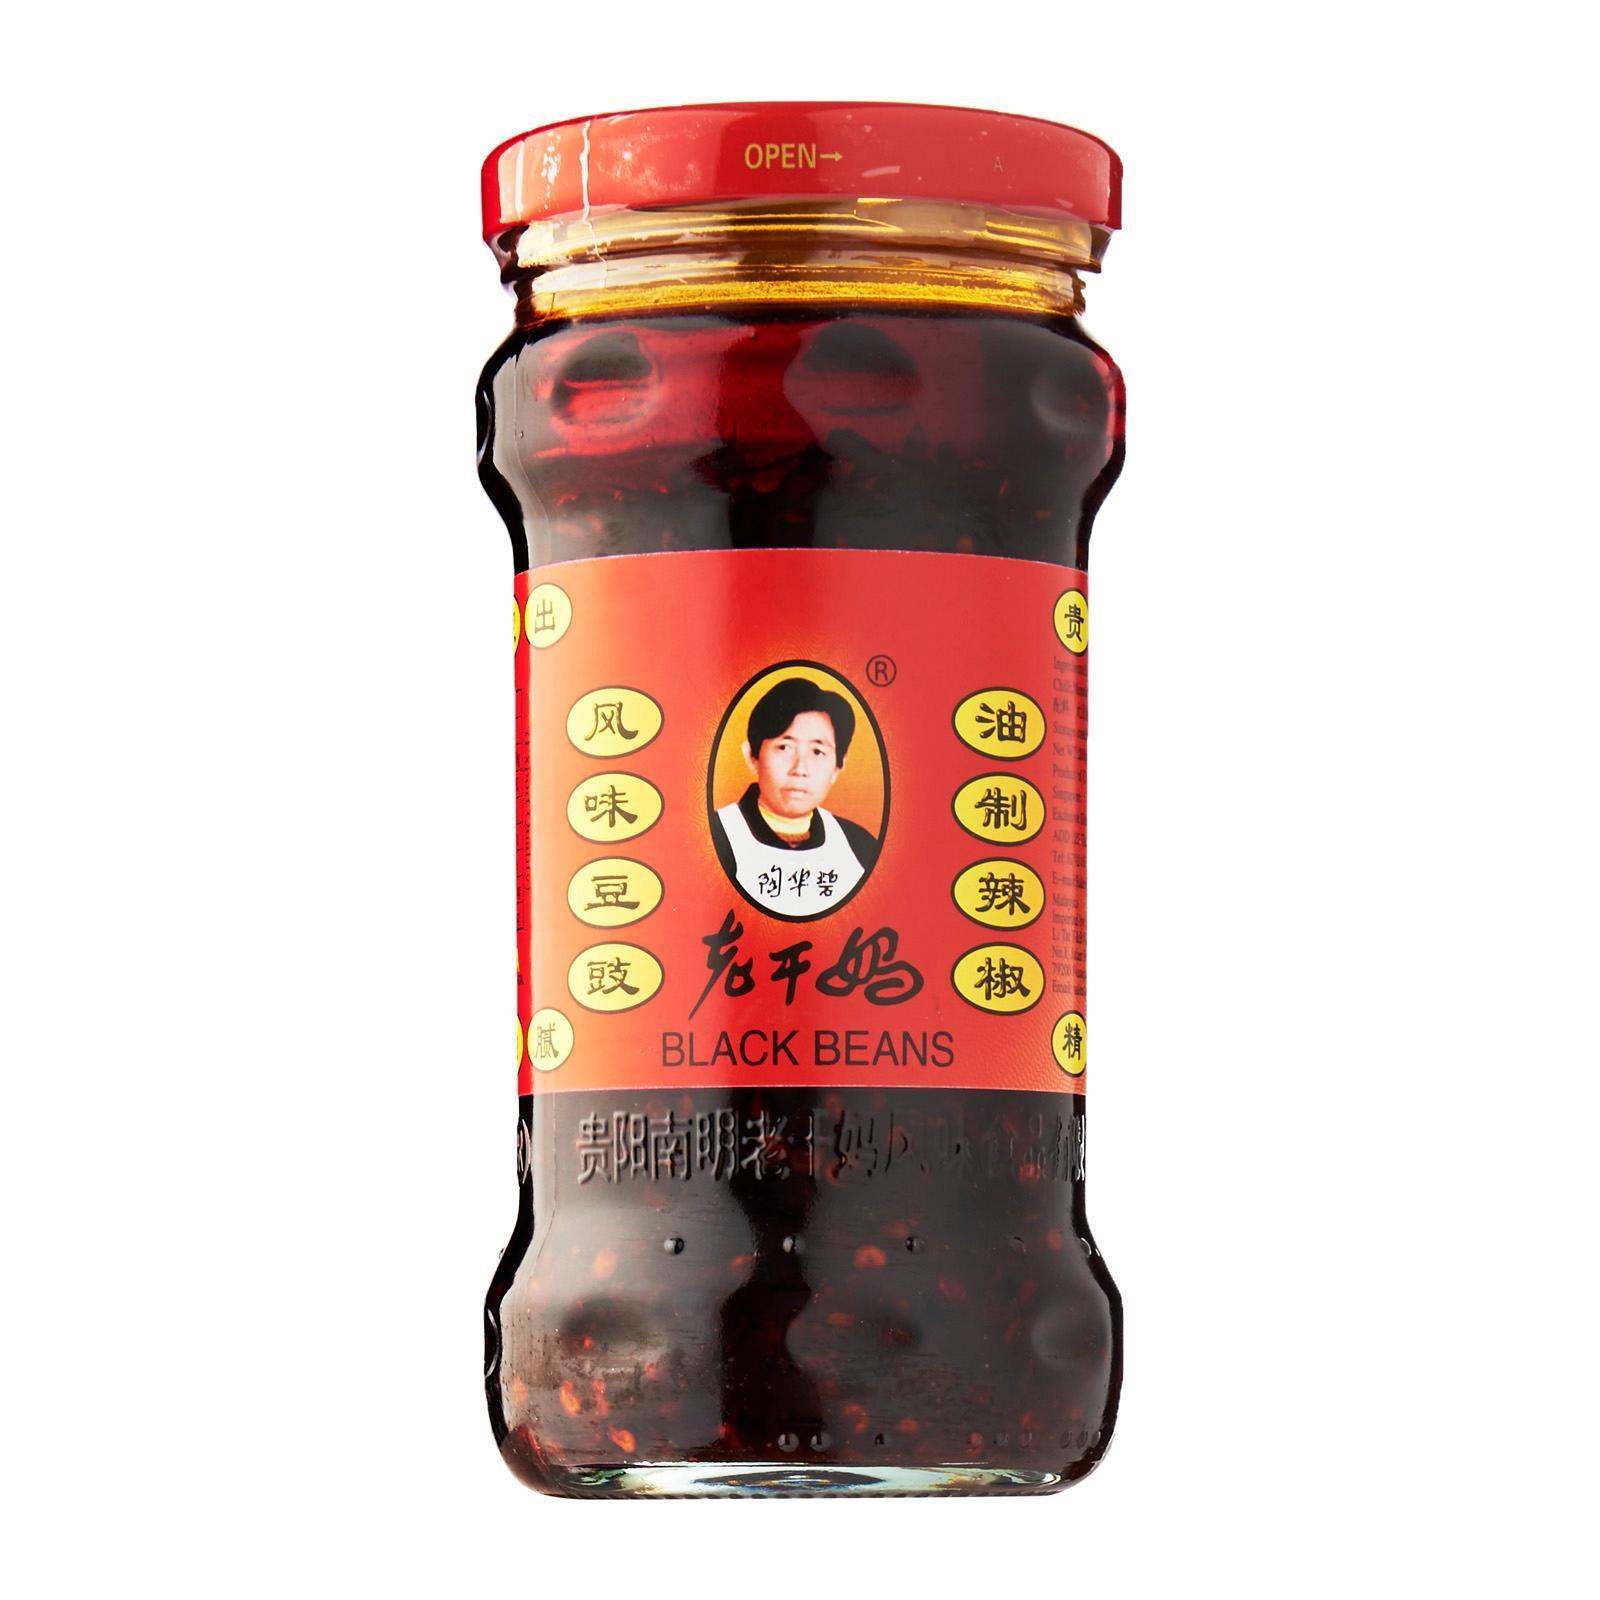 Laoganma Black Beans Sauce Condiments